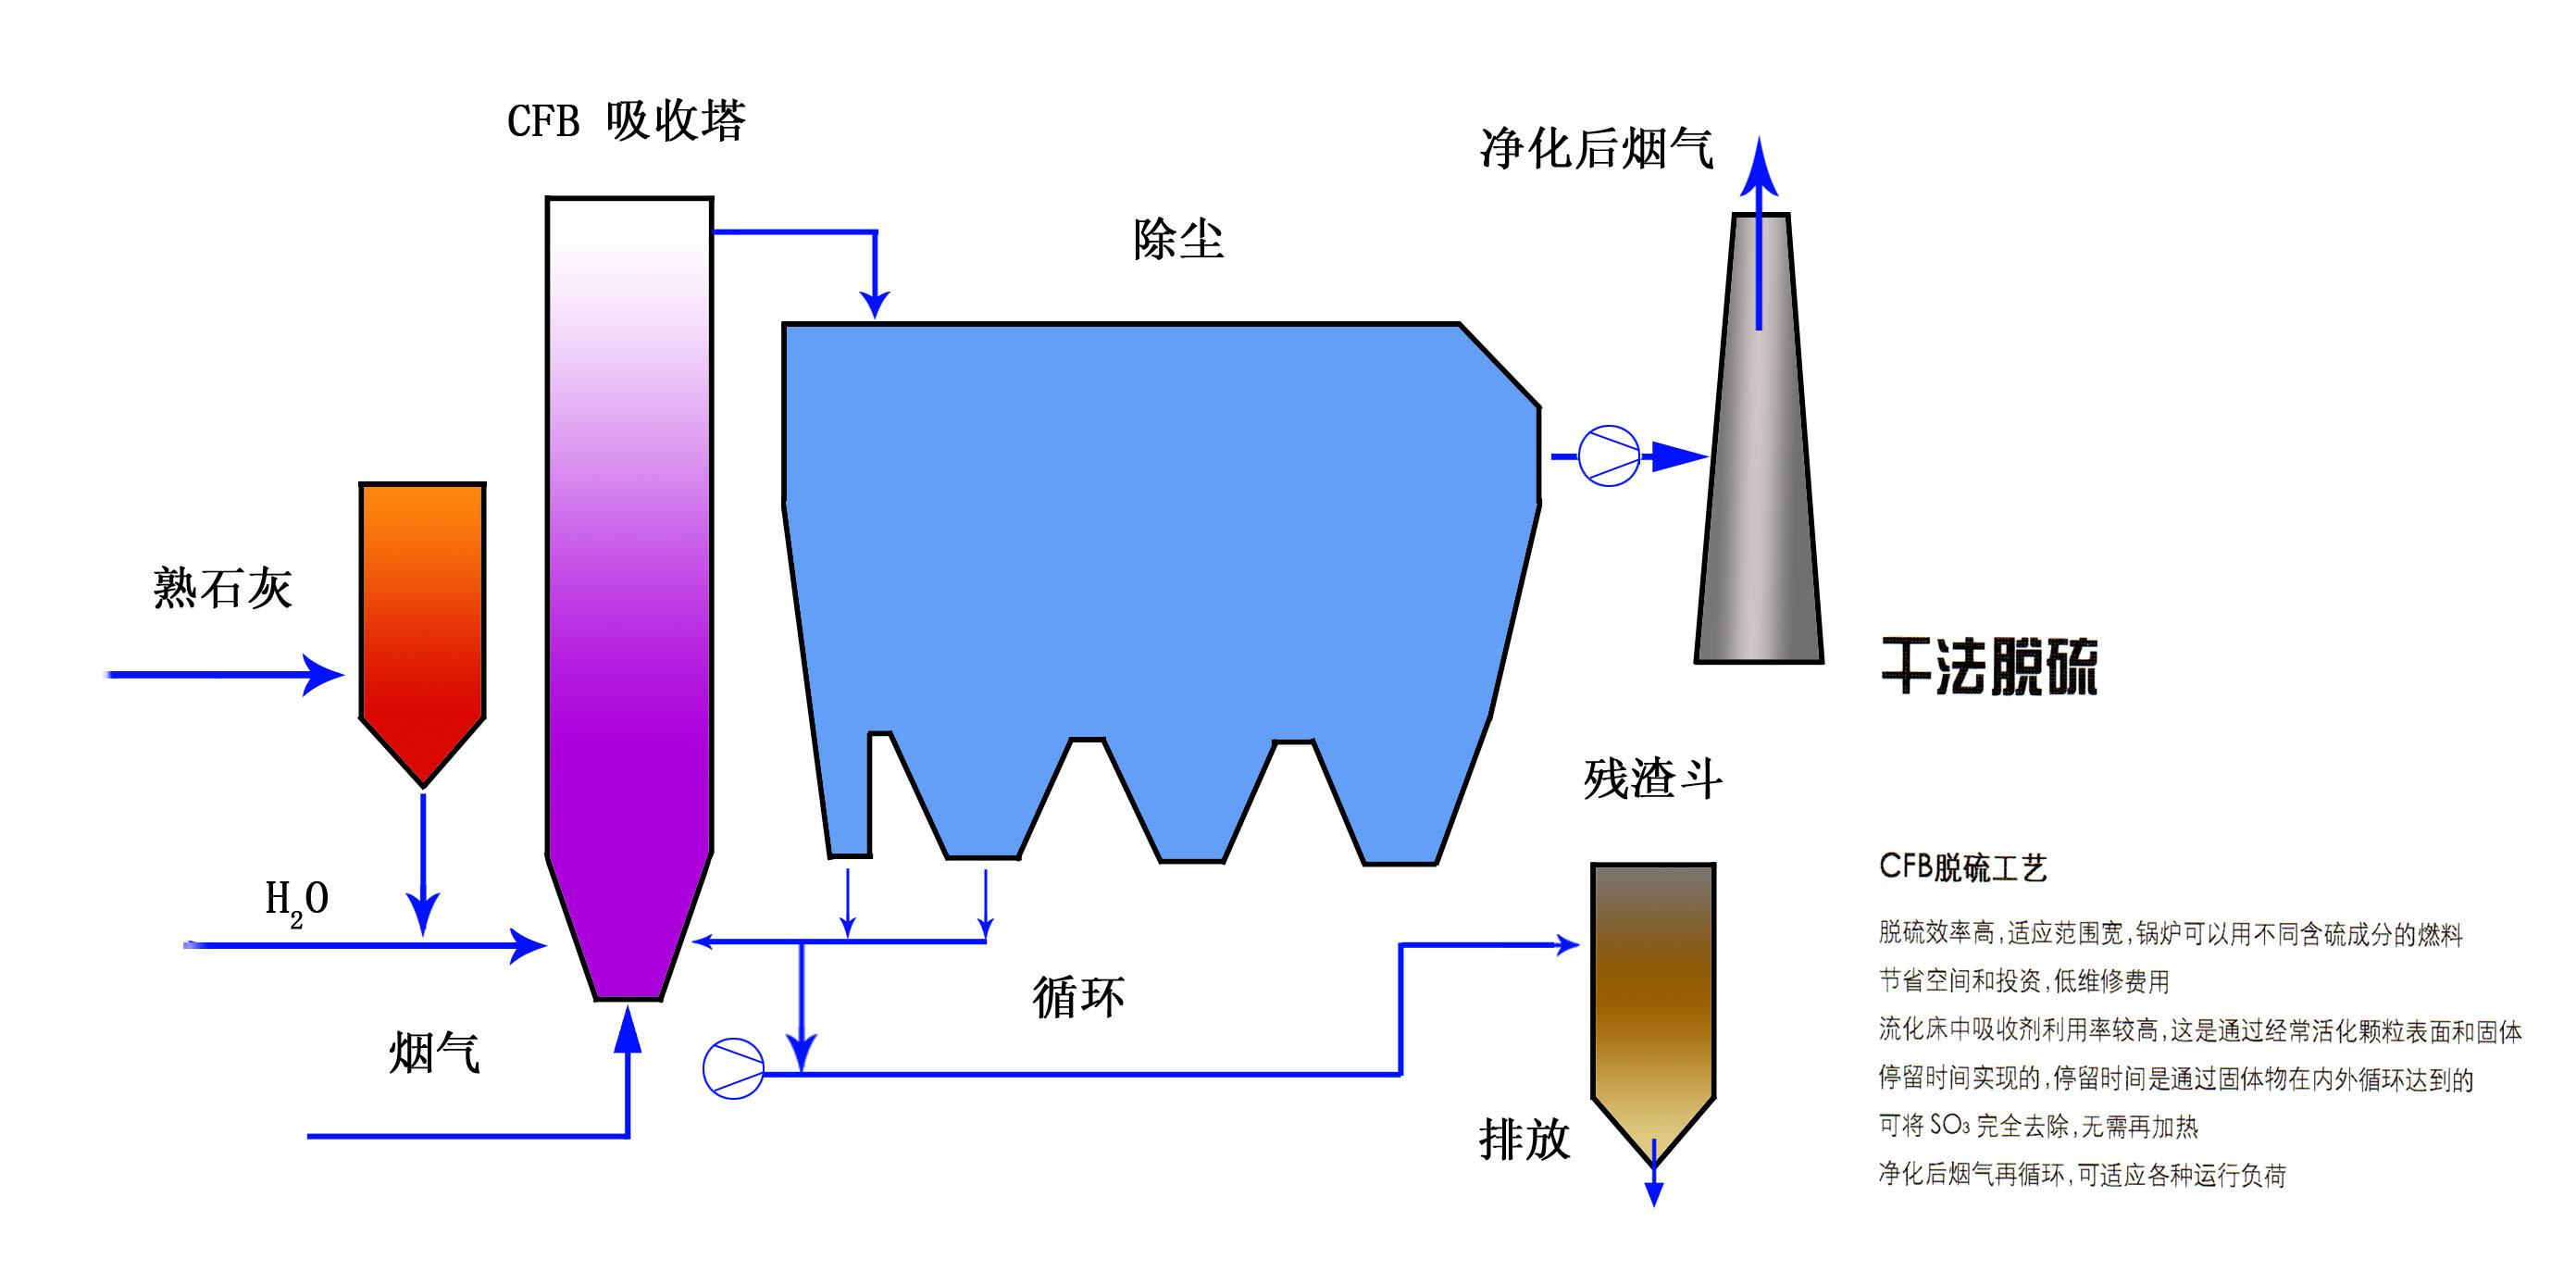 干法脱硫工艺图1.jpg